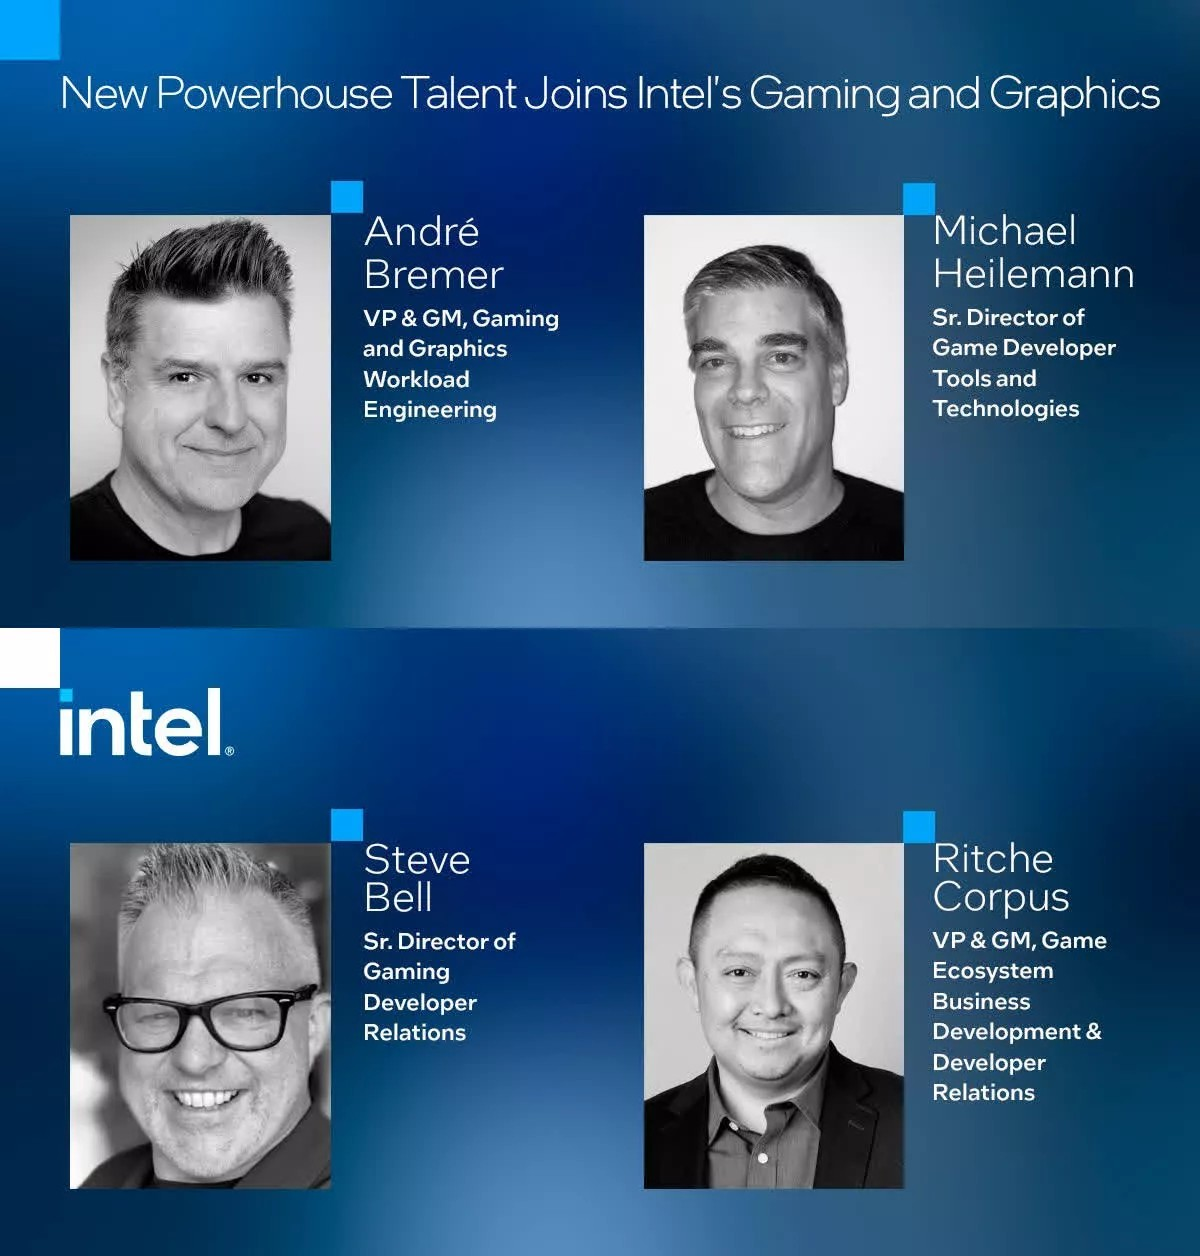 Intel наняла ветеранов AMD и специалистов по разработке игр - iXBT.com